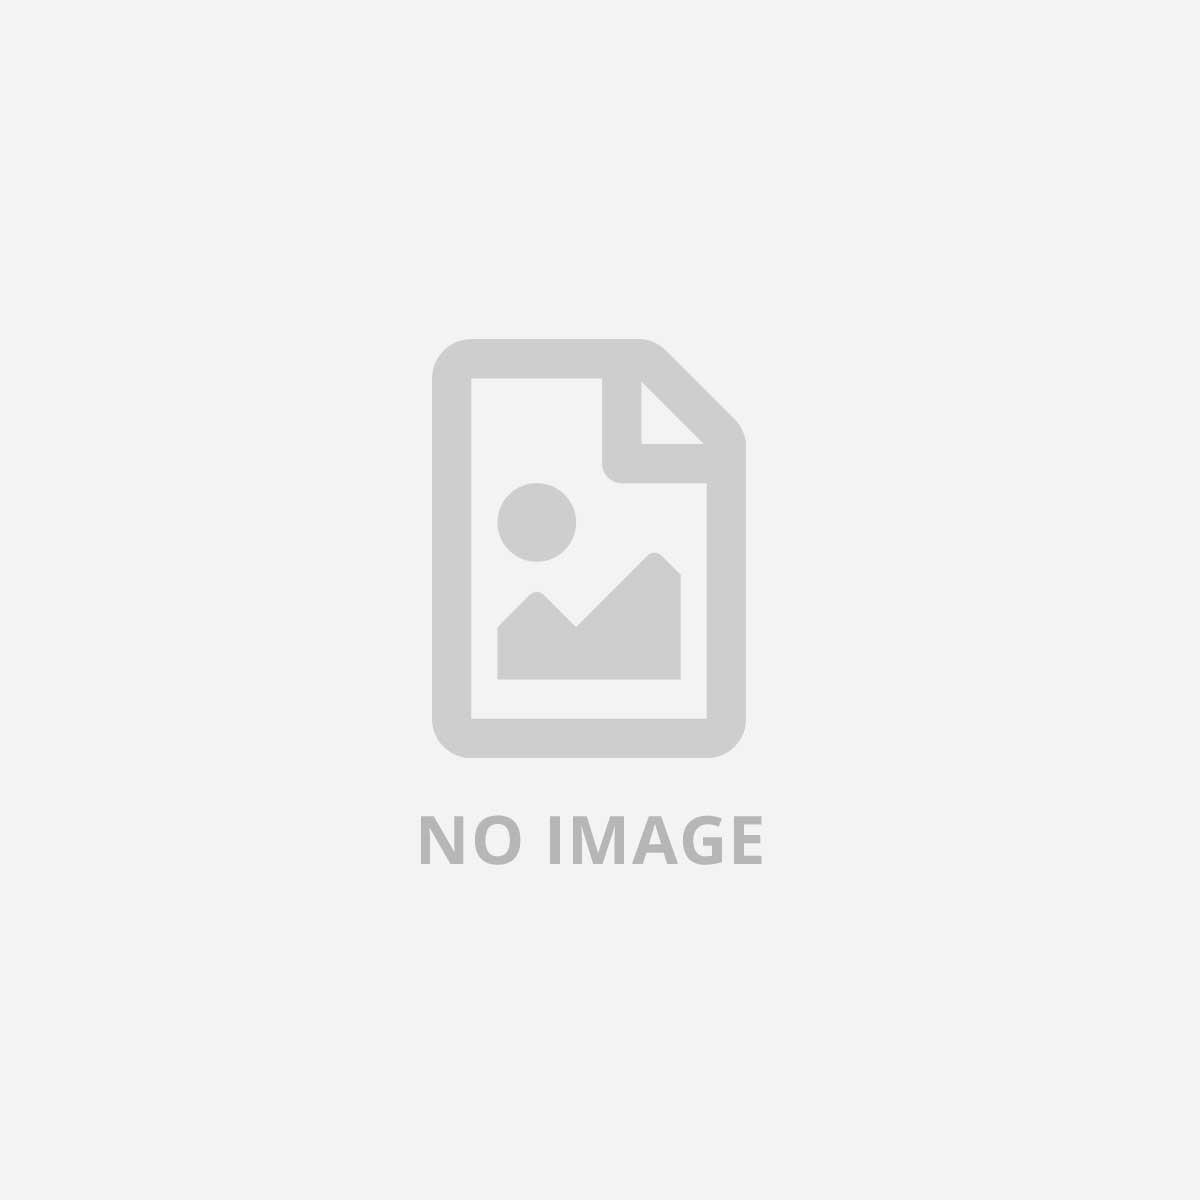 VARIOS HP ELITE 8300 SFF CORE I3